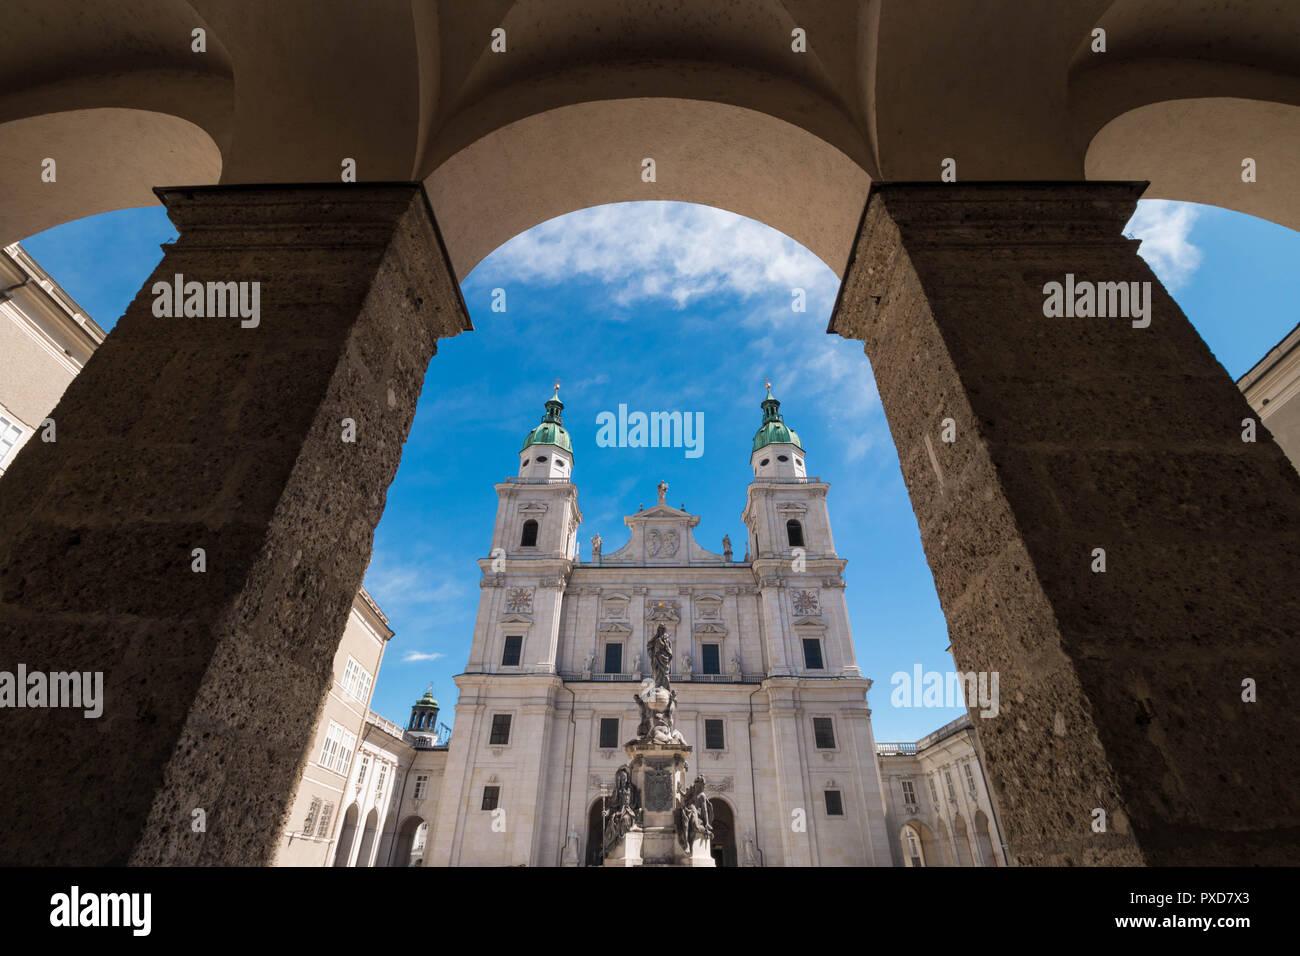 Barock aus dem 17. Jahrhundert (Salzburger Dom Salzburger Dom) und Marian Spalte (die Unbefleckte Maria Spalte) am Domplatz an einem sonnigen Tag. Stockbild